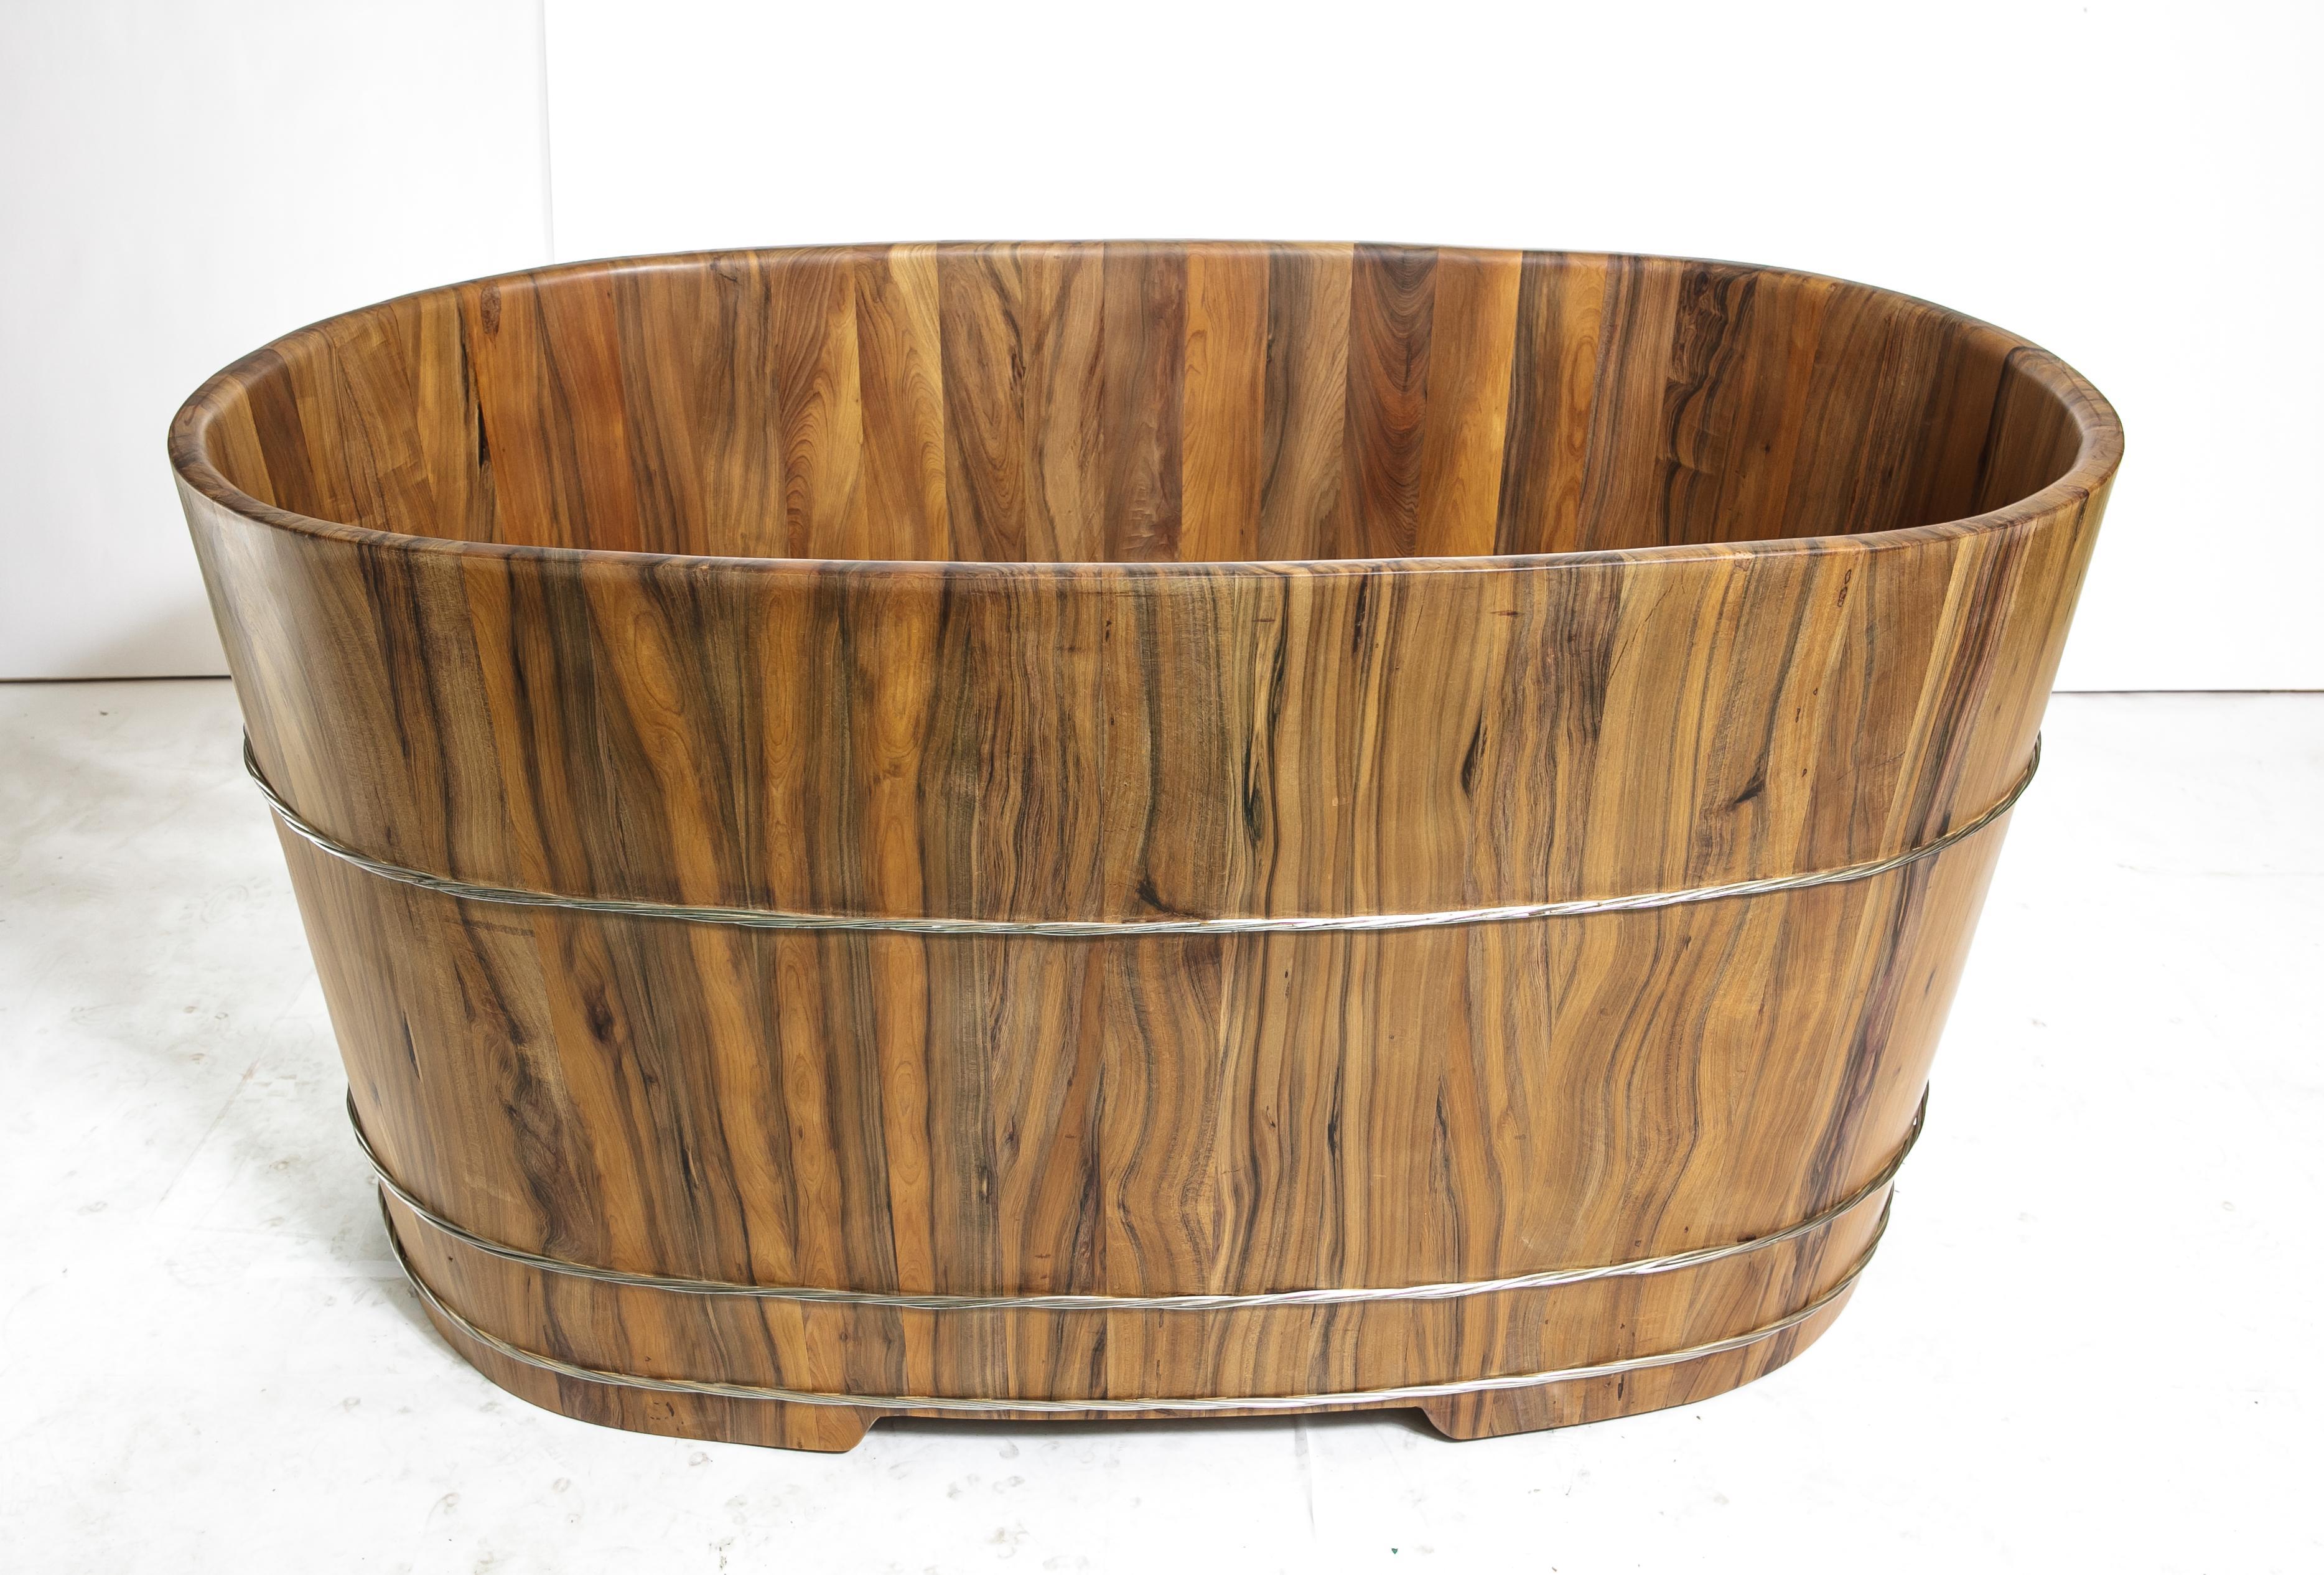 泡澡幫助血液循環 檀香木檜木桶 泡澡桶106公分長(兩人份尺寸) )台灣第一領導品牌-雅典木桶 木浴缸、方形木桶、泡腳桶、蒸腳桶、蒸氣烤箱